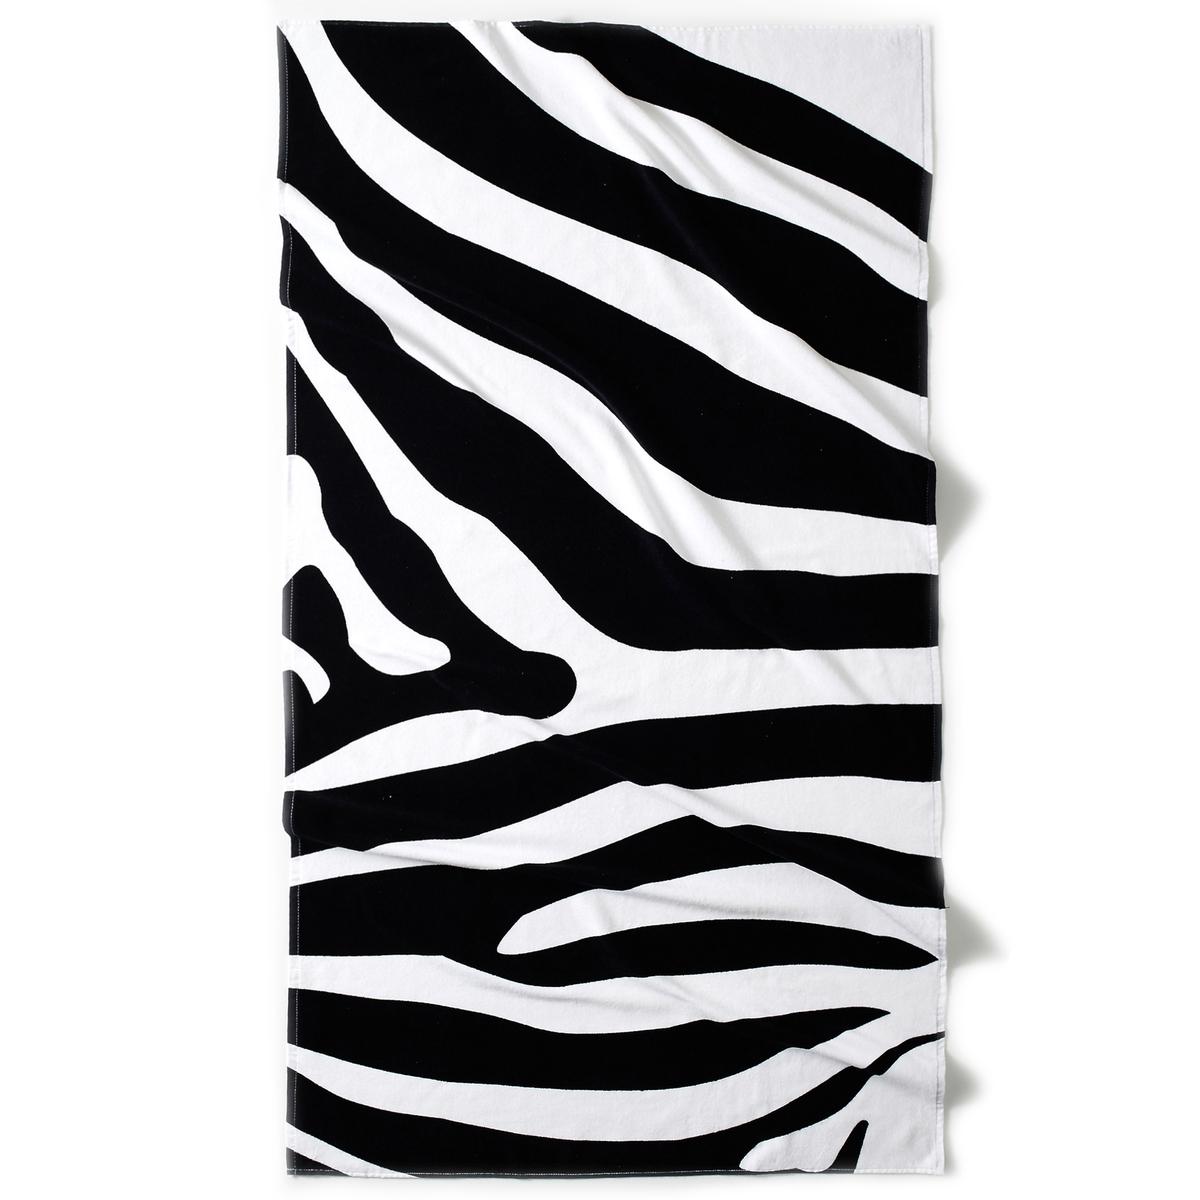 Полотенце пляжное с жаккардовым рисунком зебра